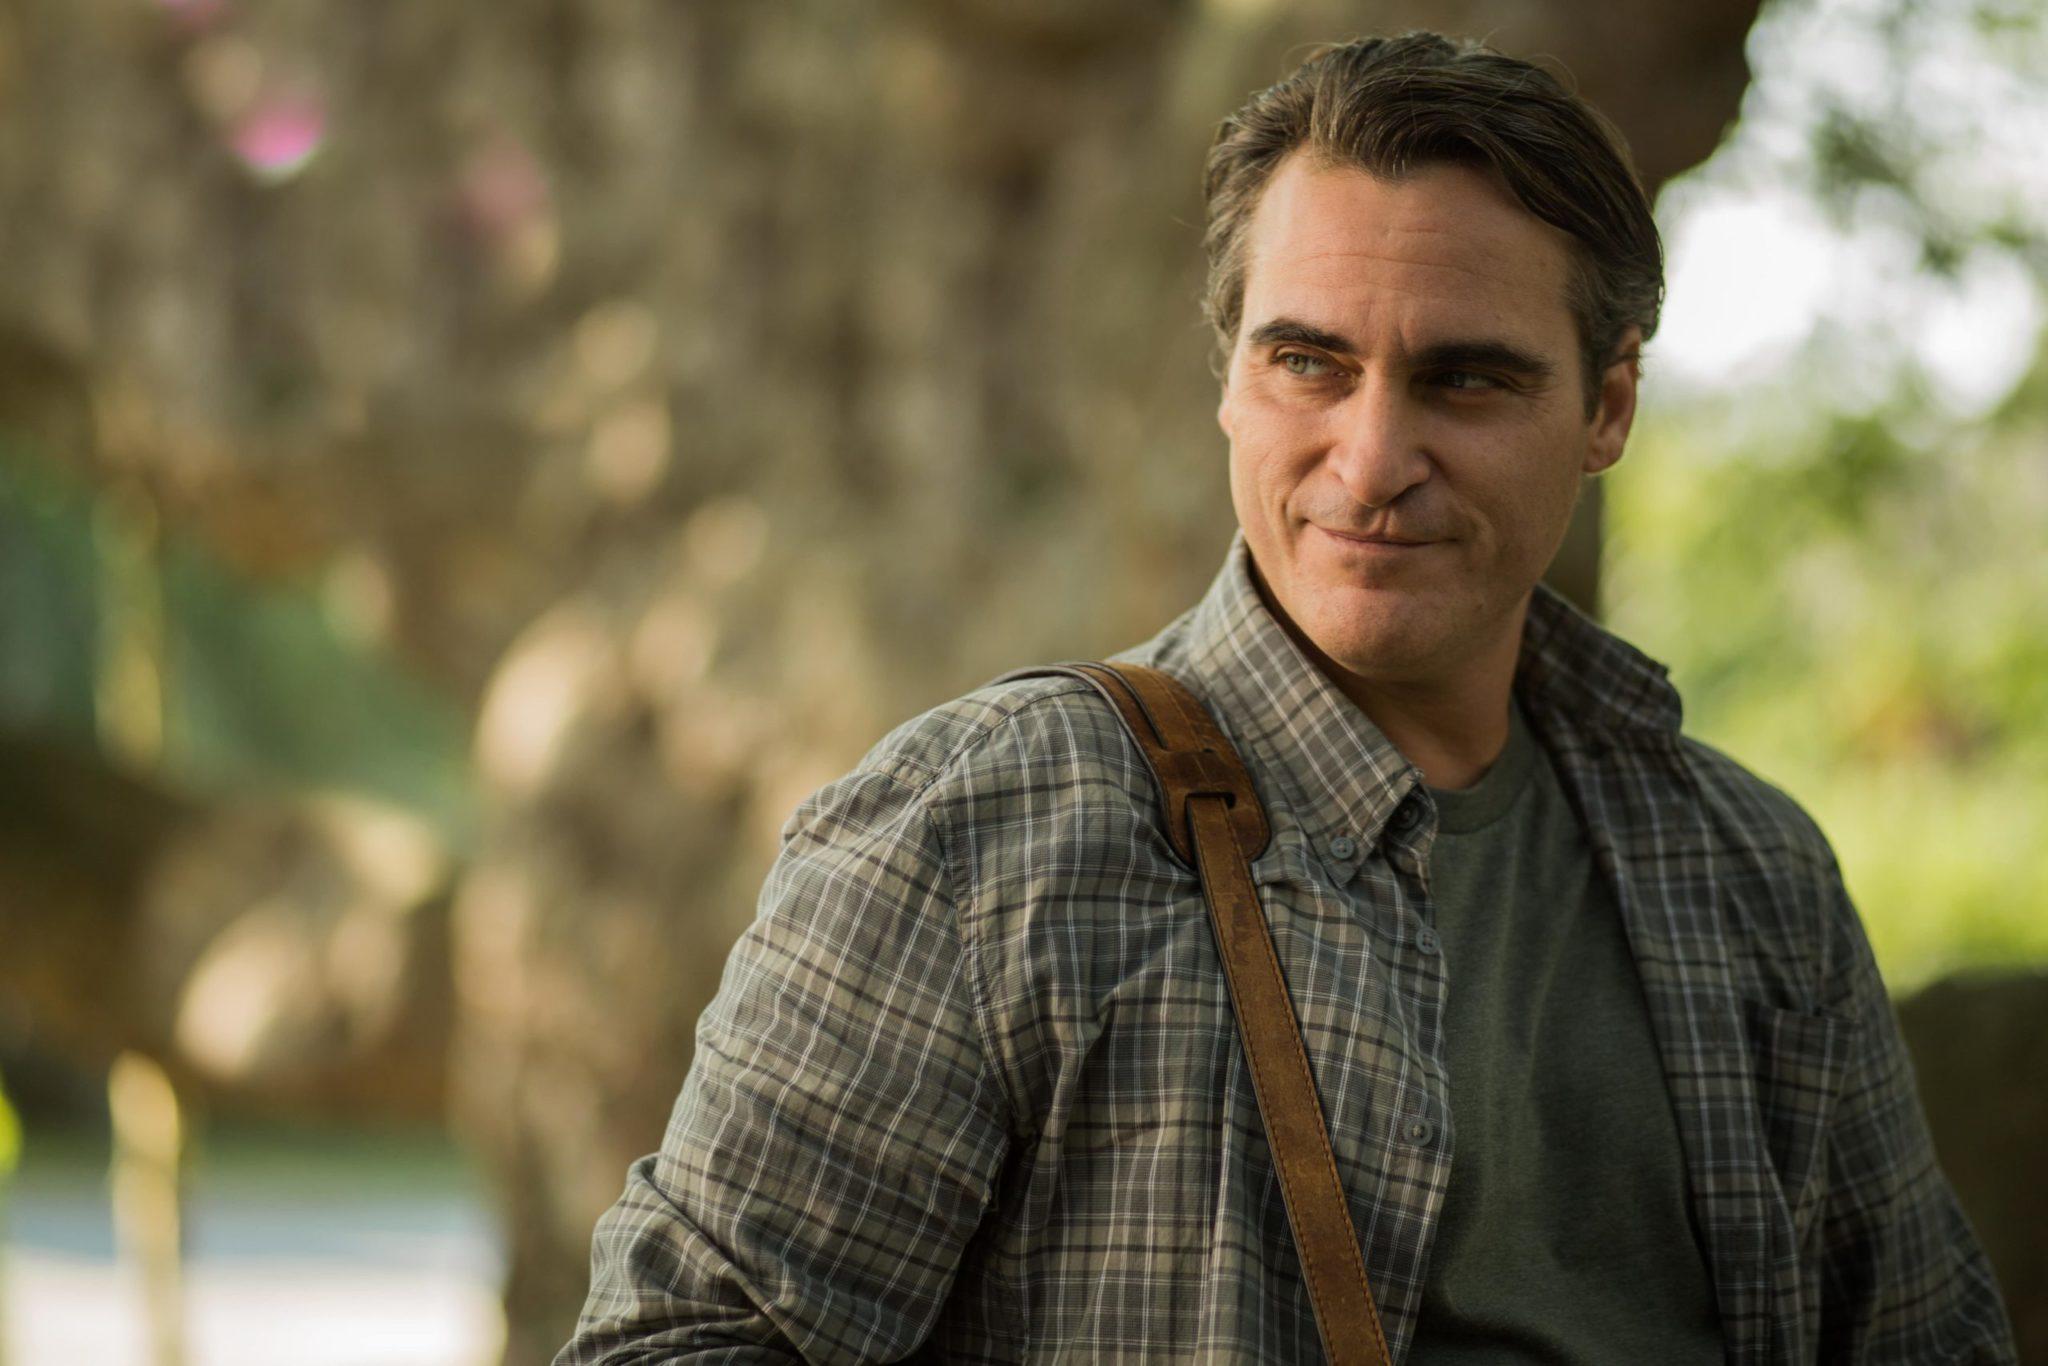 Joaquin Phoenix protagoniza la más reciente película escrita y dirigida por Woody Allen, 'Un Hombre Irracional' (Irrational Man), en cines 19 de febrero. © 2014 - W.A.S.P.